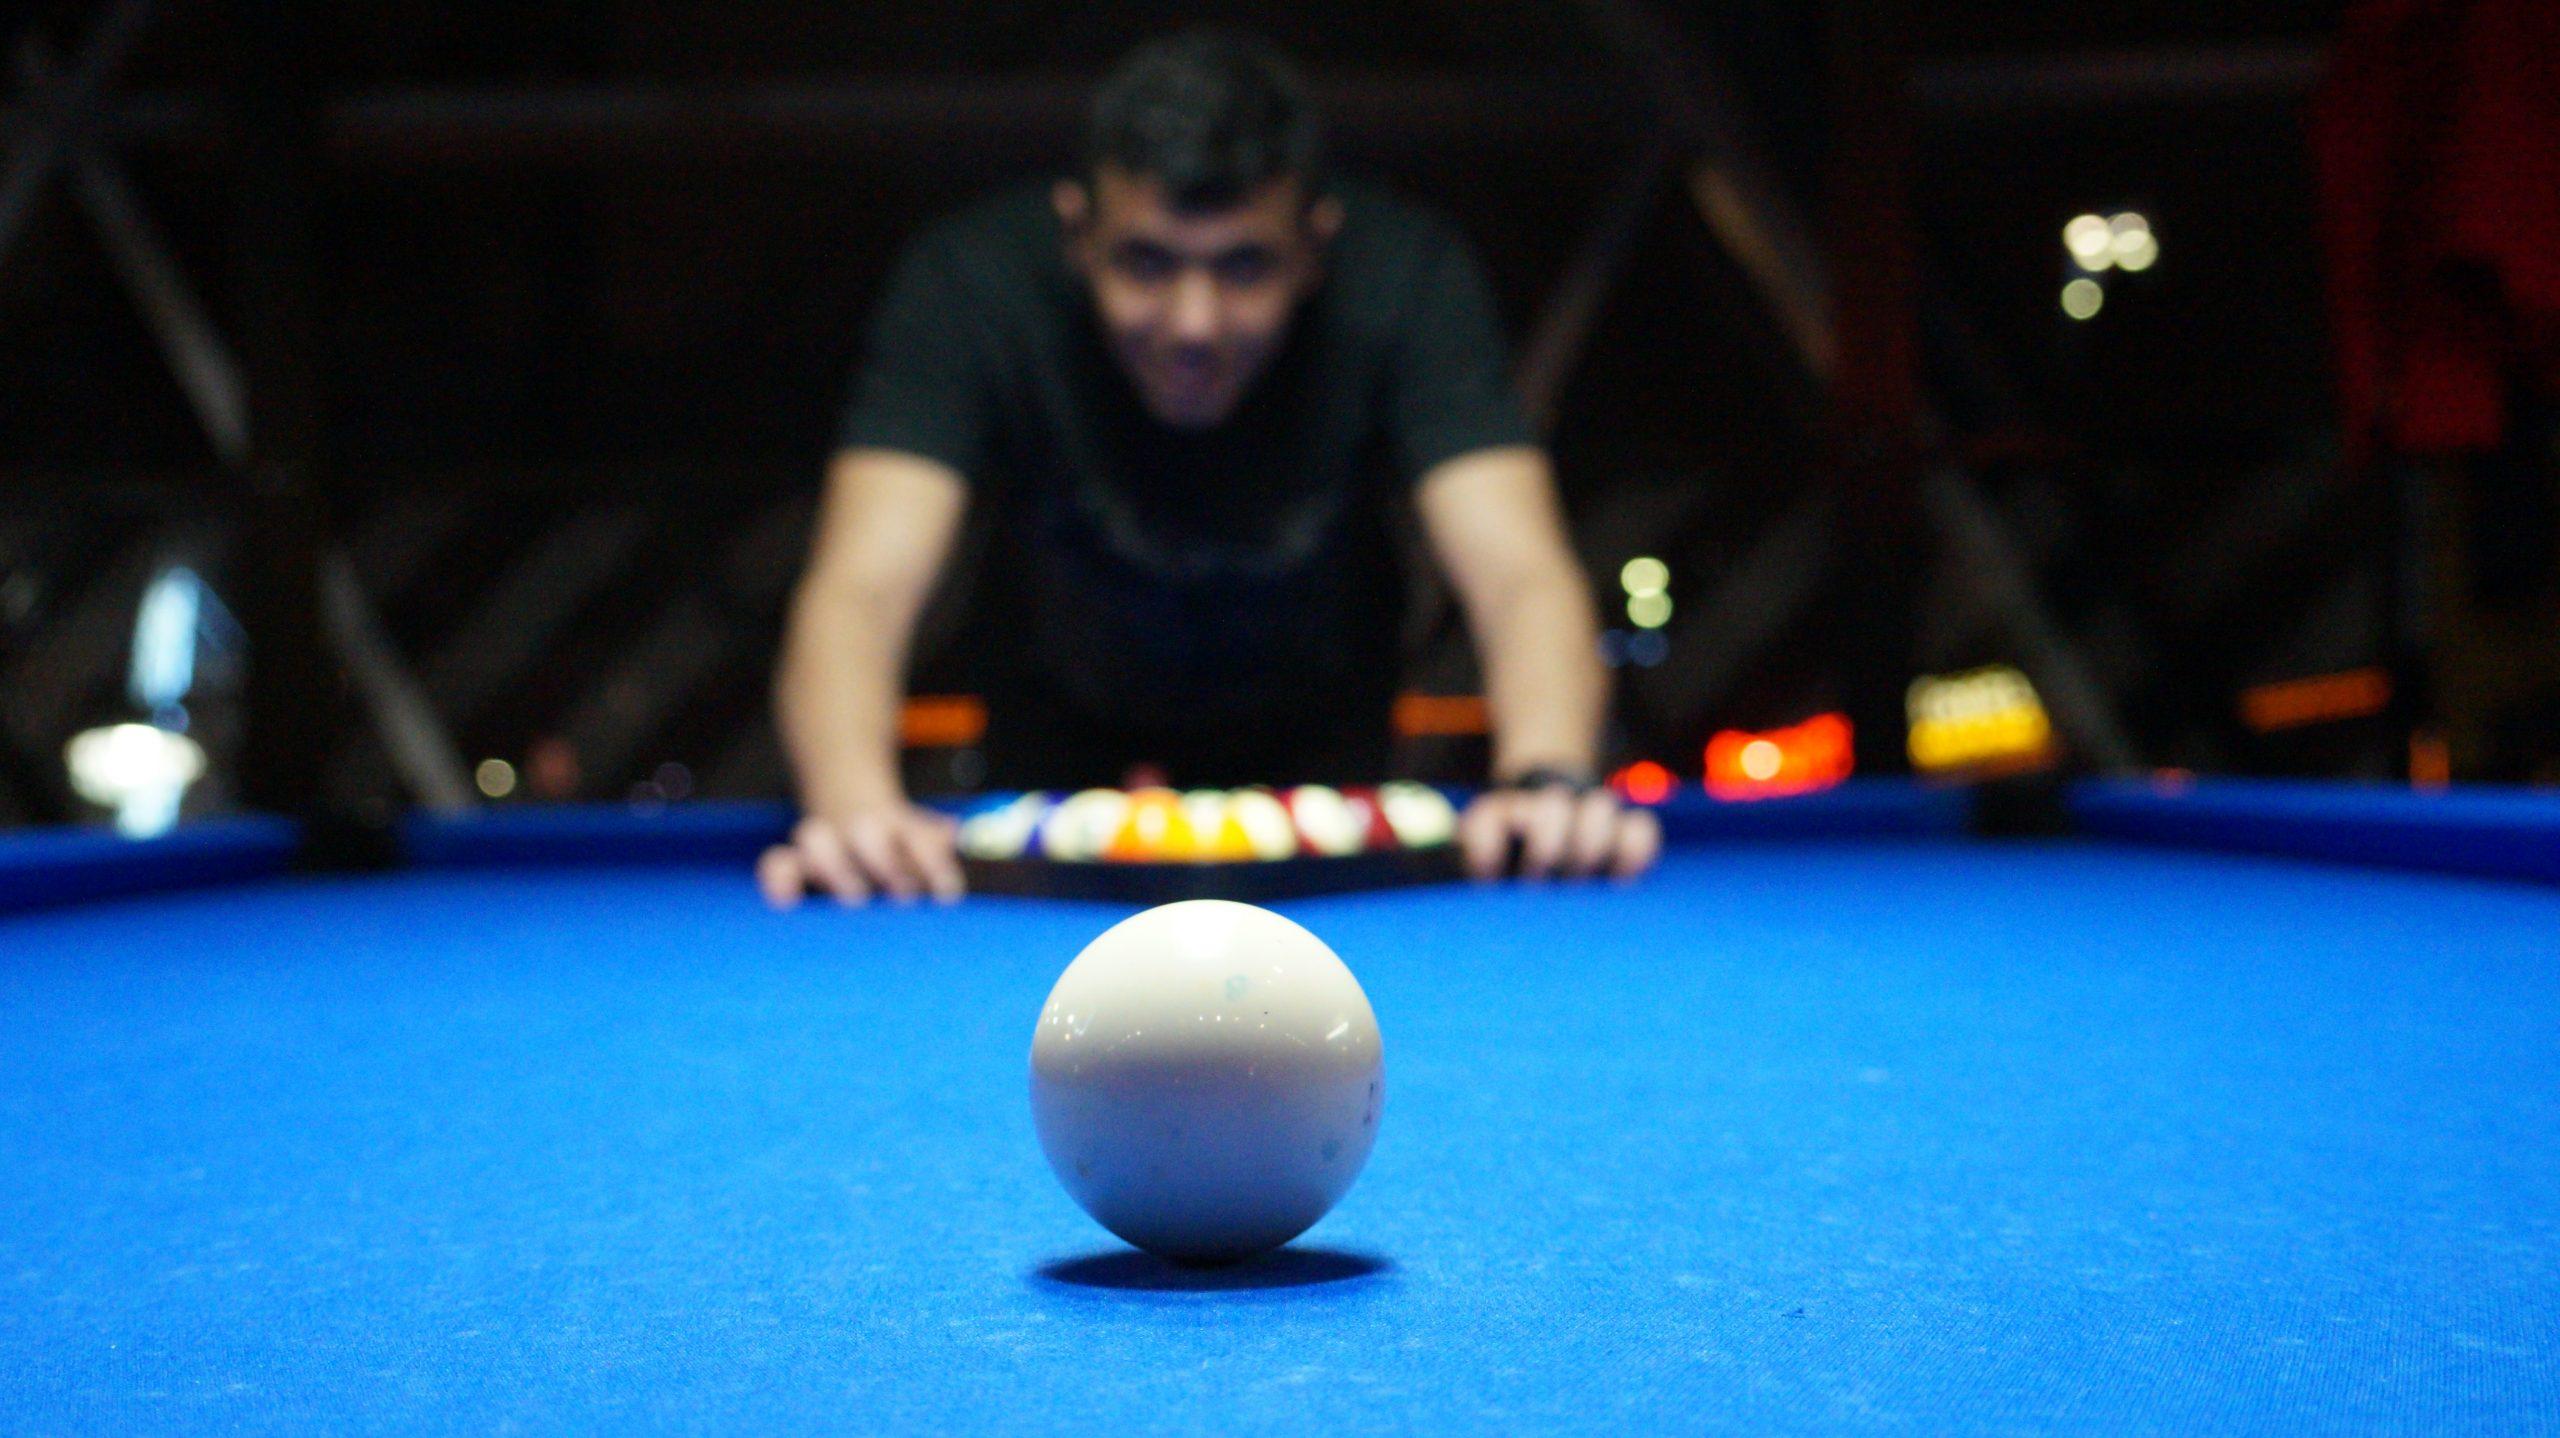 Imagem mostra uma mesa de bilhar azul, focada na bola branca. Ao fundo, desfocada, uma pessoa ajeita as demais bolas coloridas.